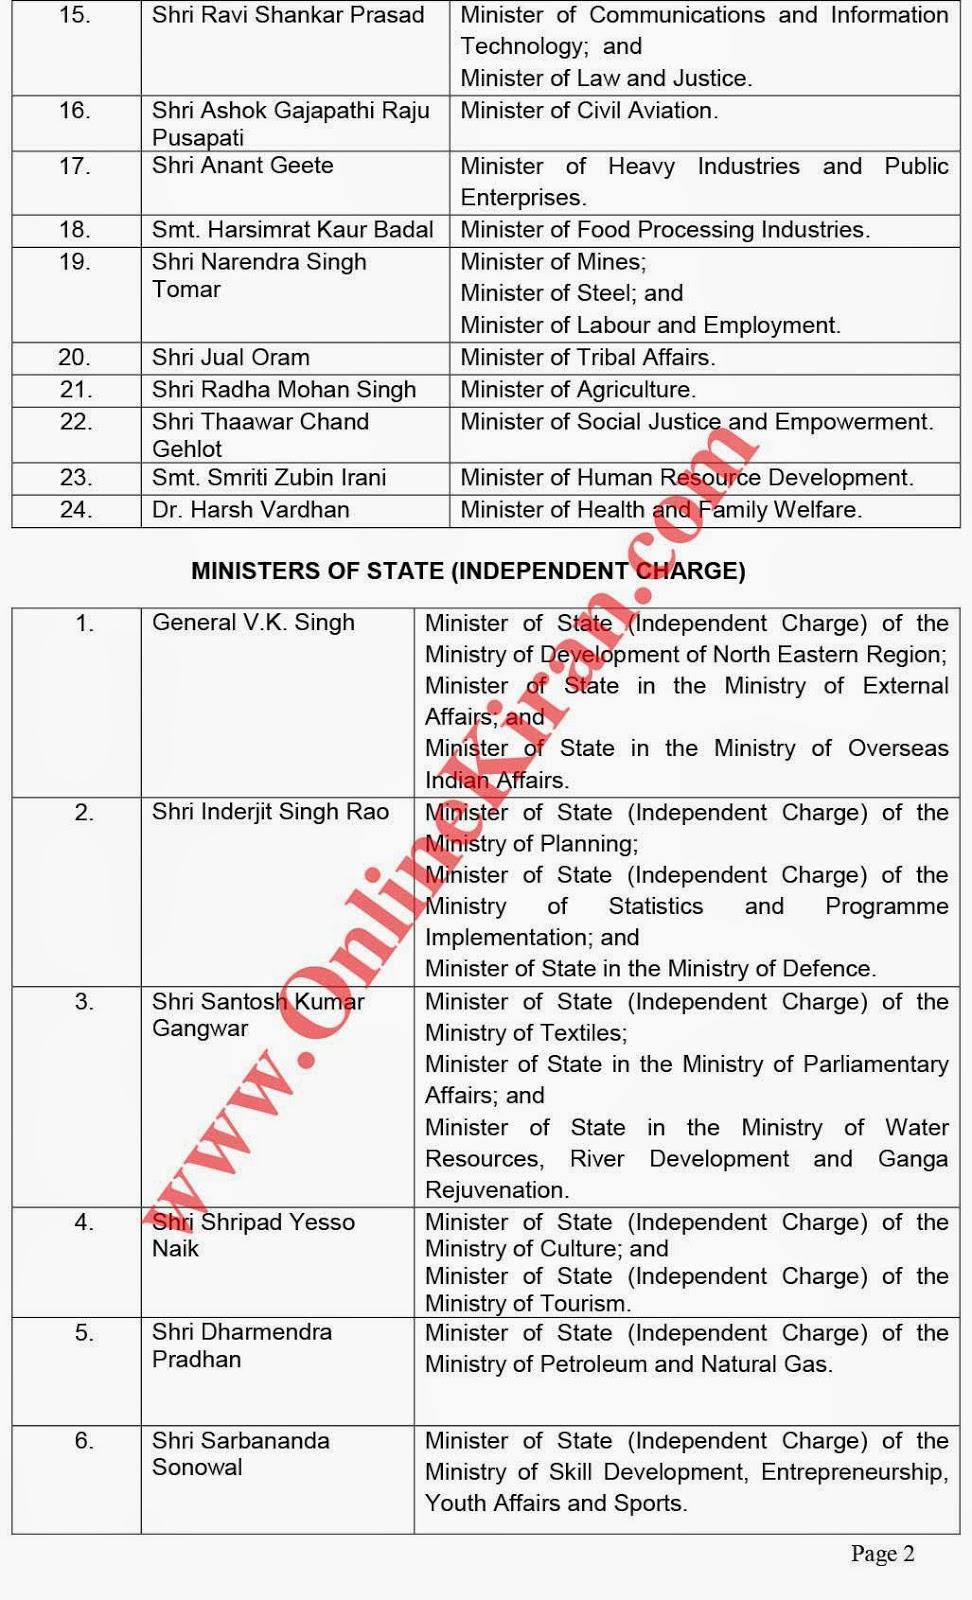 uttarakhand minister list 2017 pdf